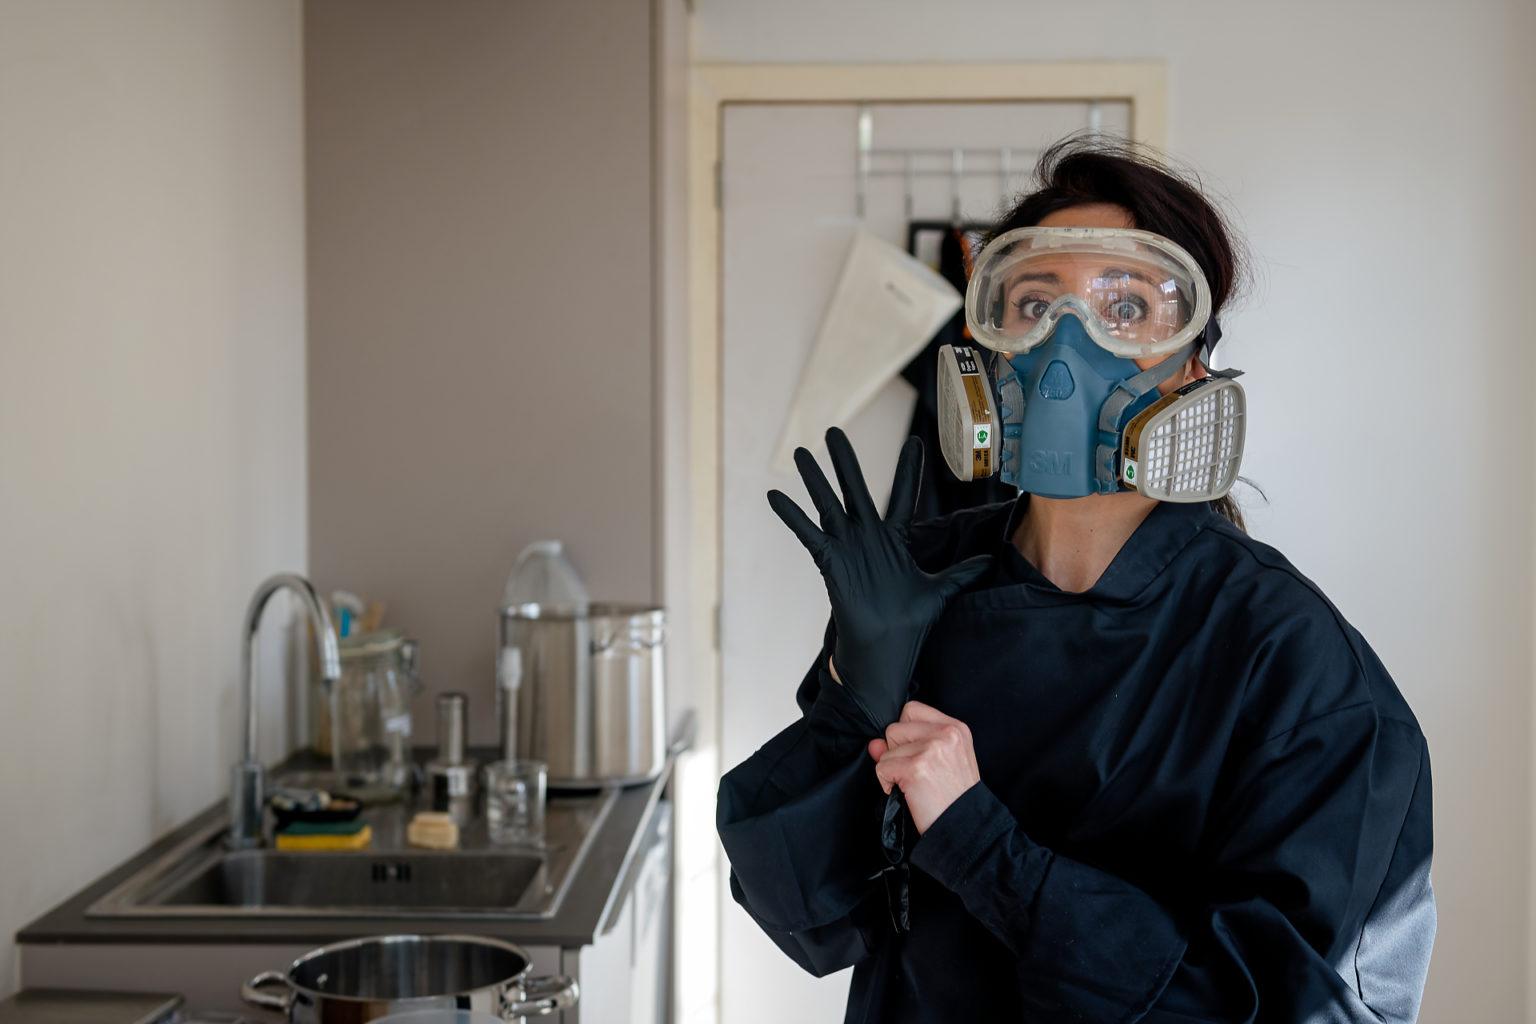 Aline Assadourian en train de préparer la soude pour ses savons Alinessence, par Aurore Delsoir photobiographe